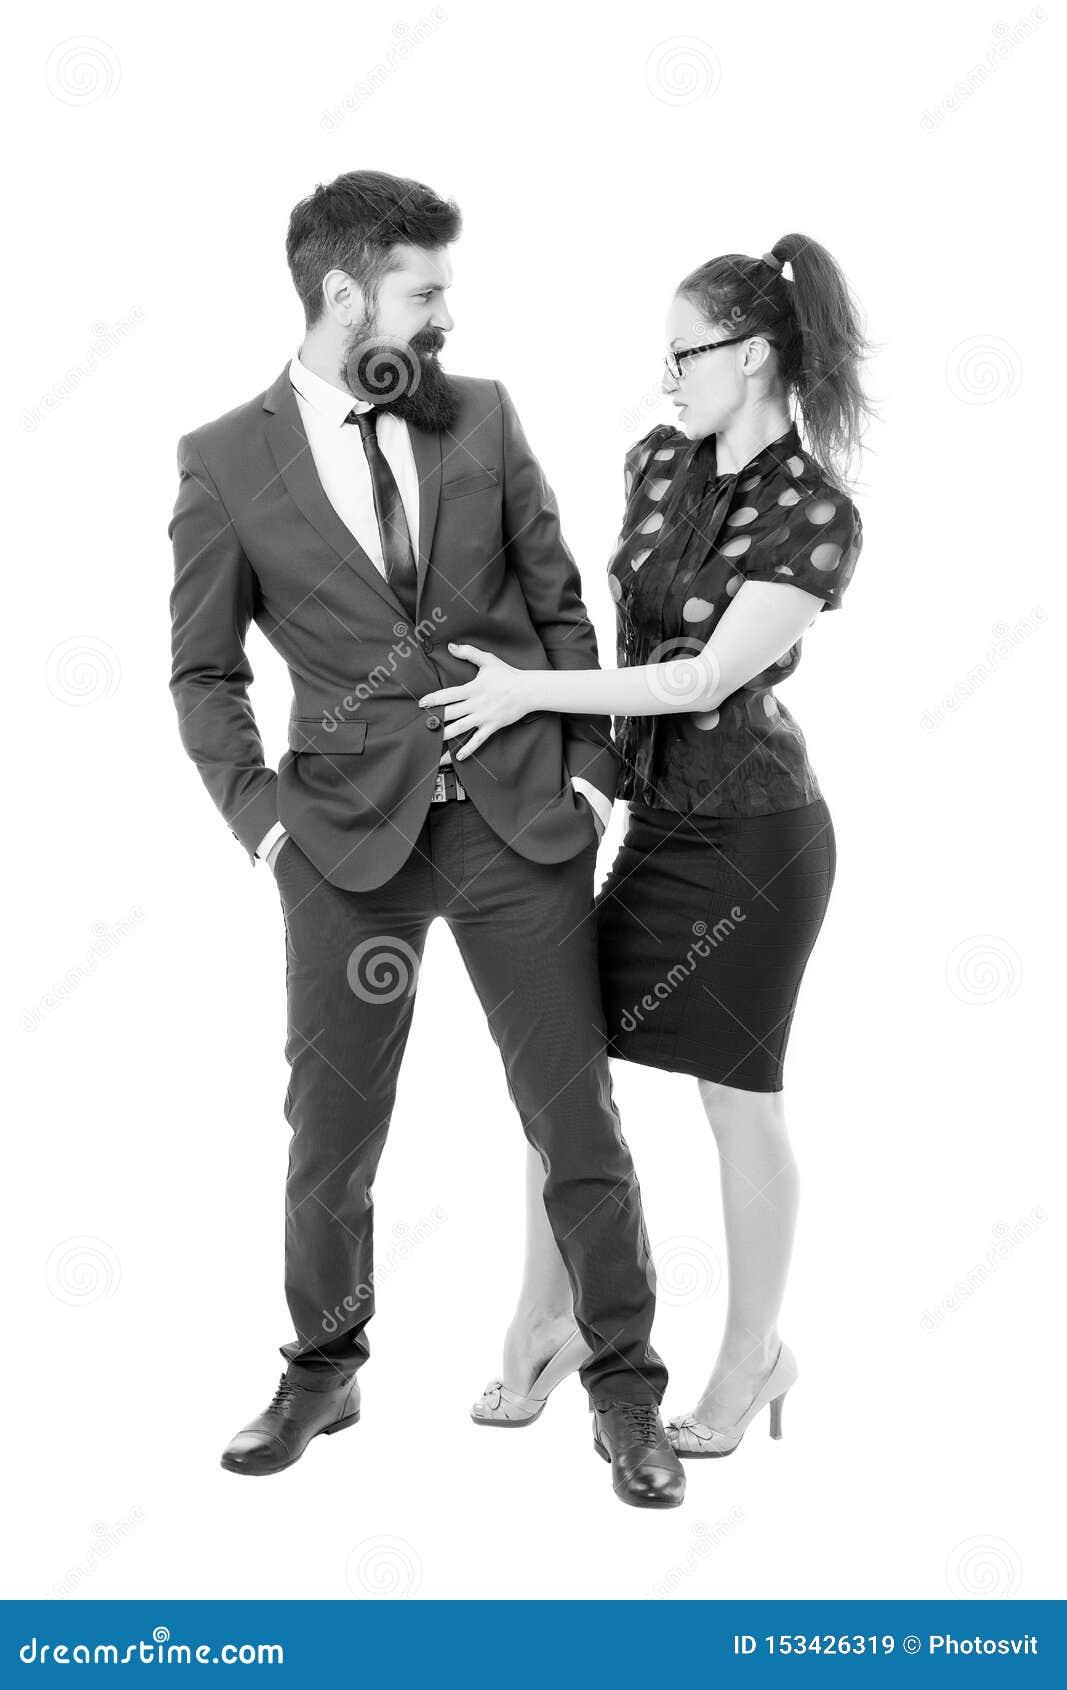 femme cherche homme paris ile de france site rencontre lausanne gratuit